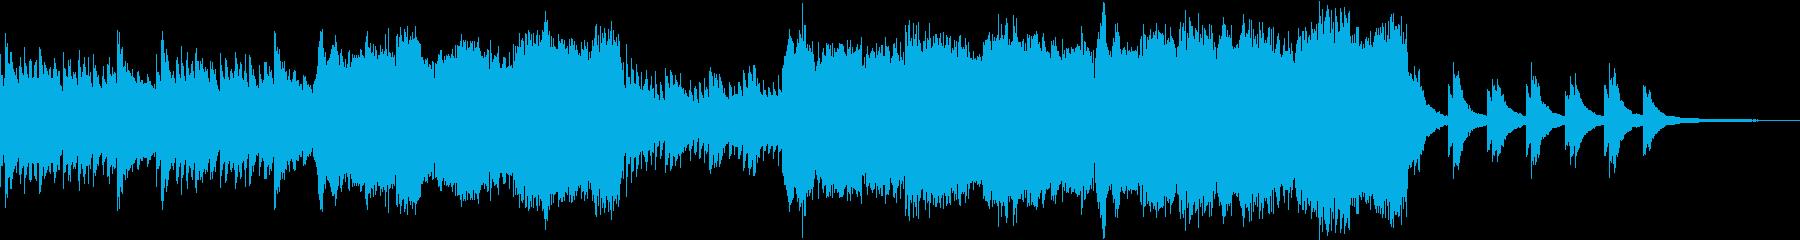 暖かくノスタルジックなクラシックの再生済みの波形